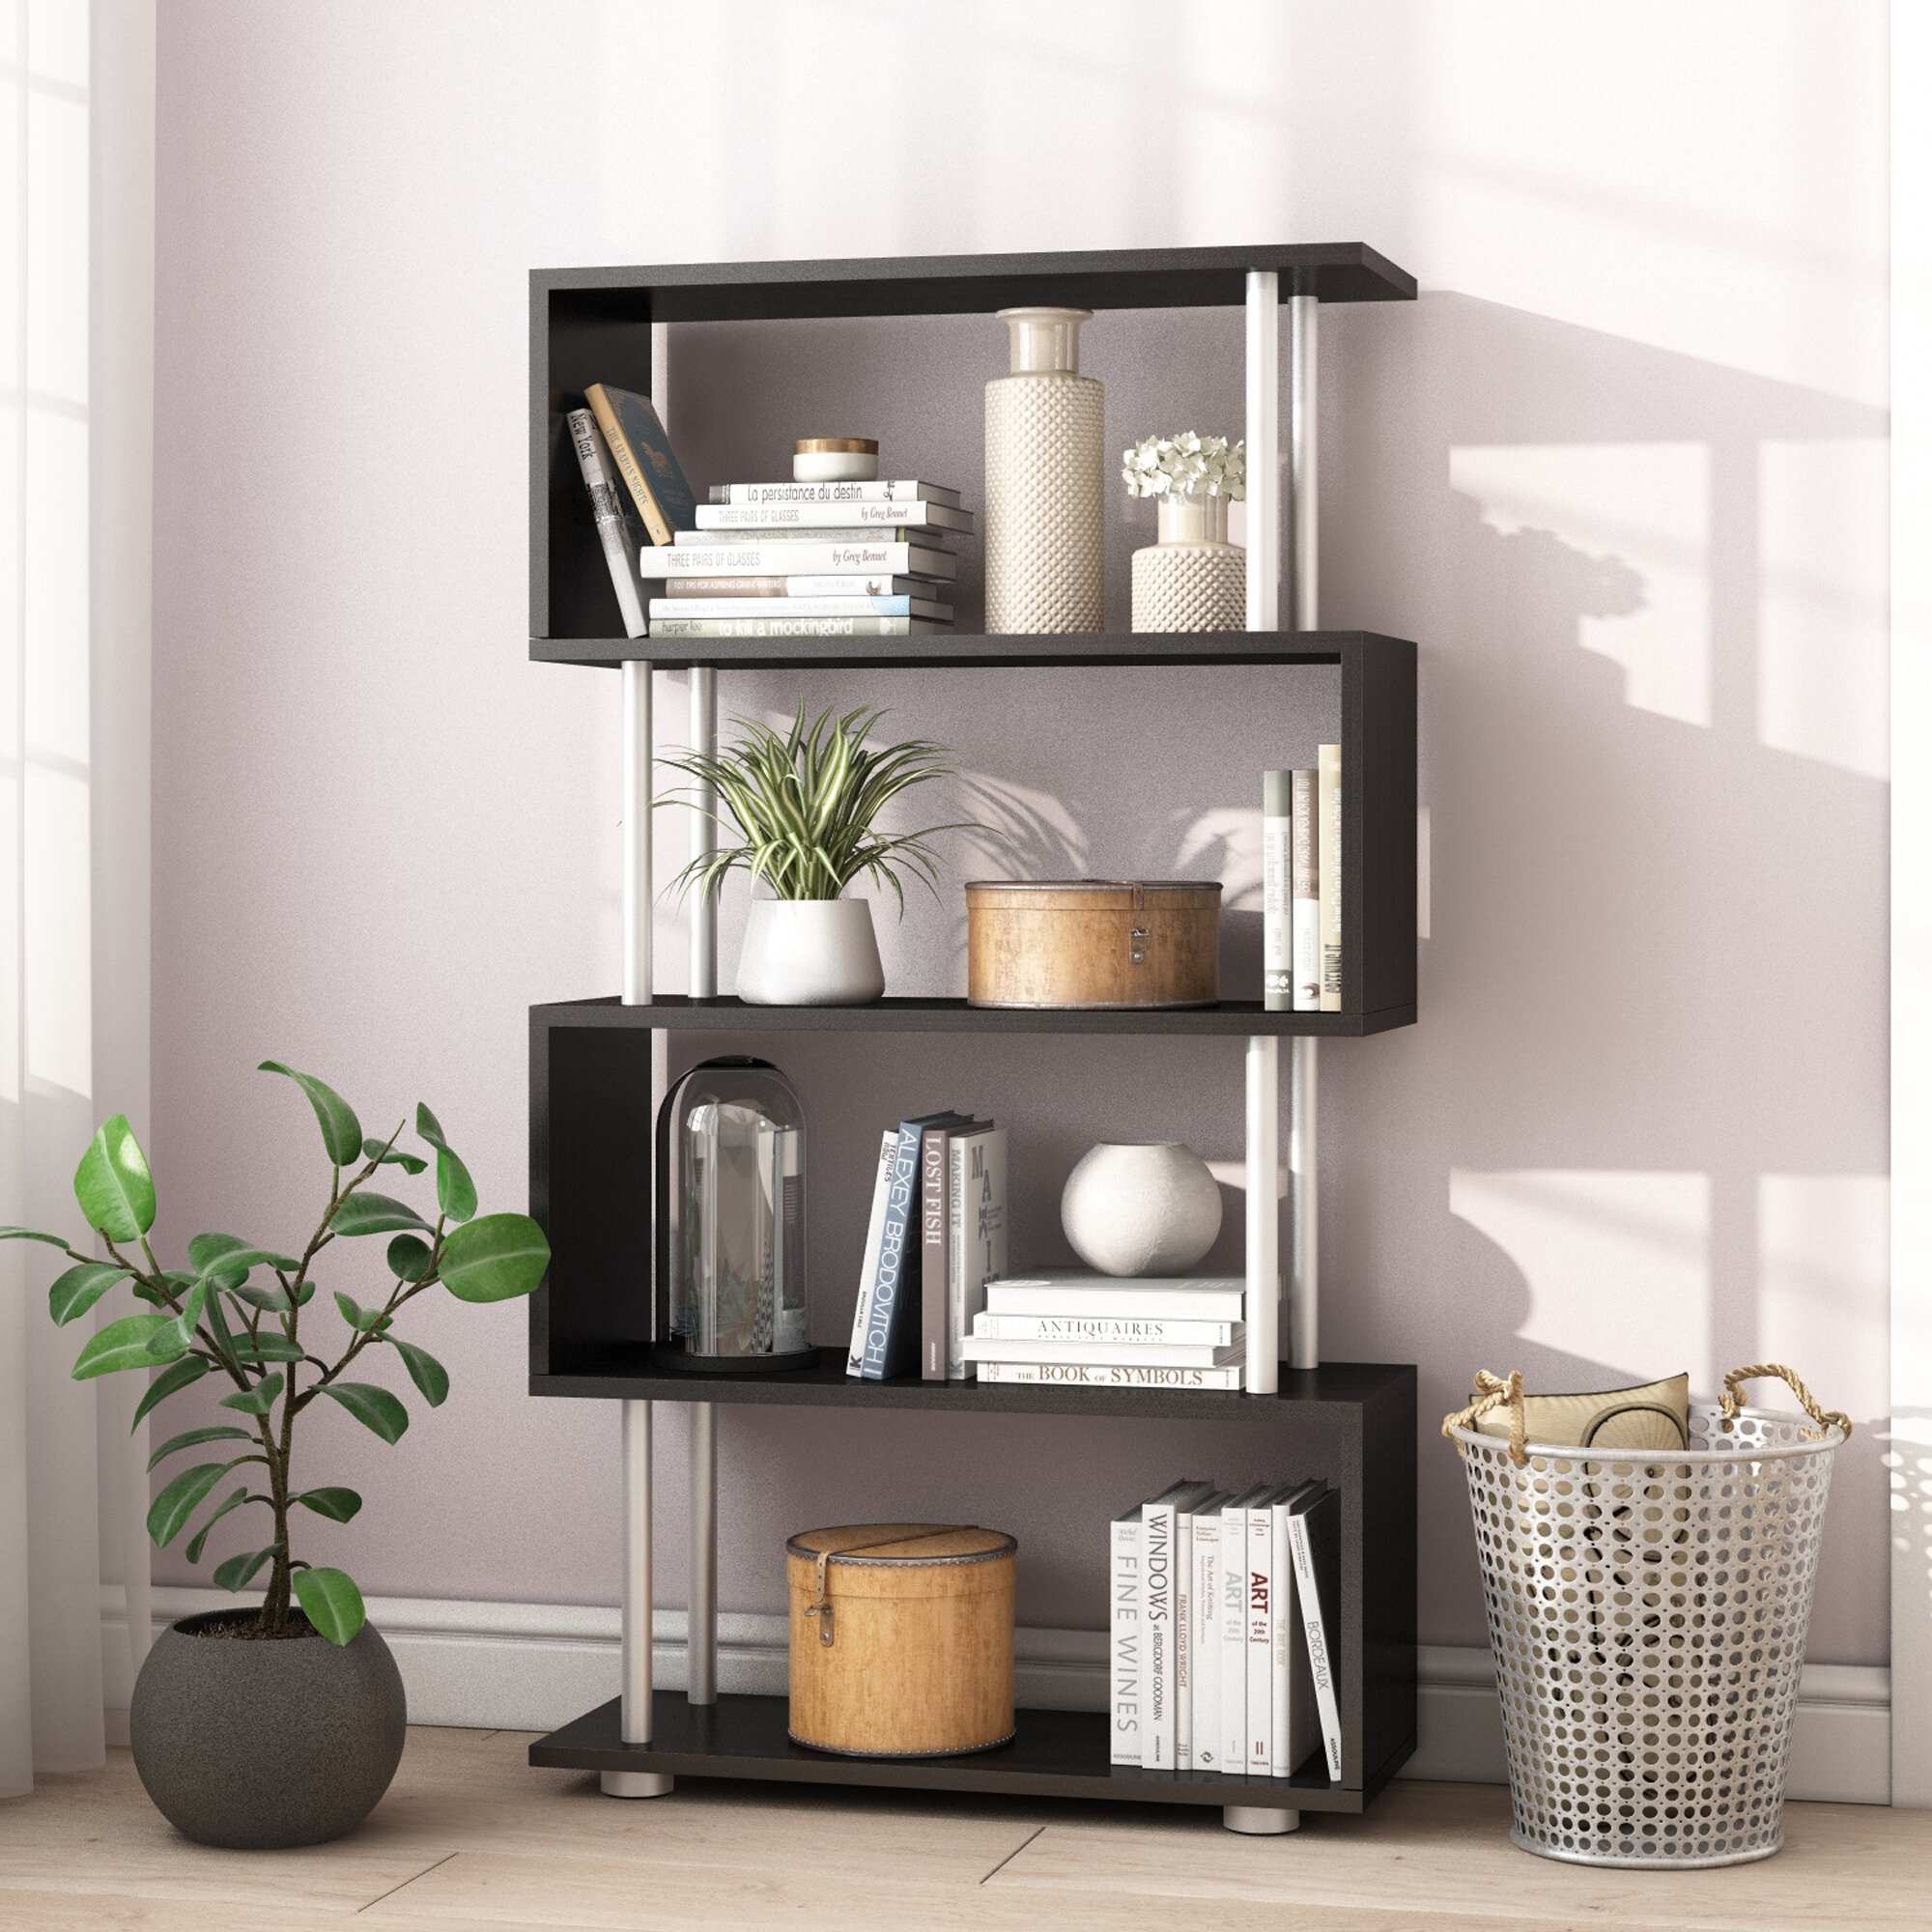 Emily S Shape Bookcase Reviews Wayfair Co Uk